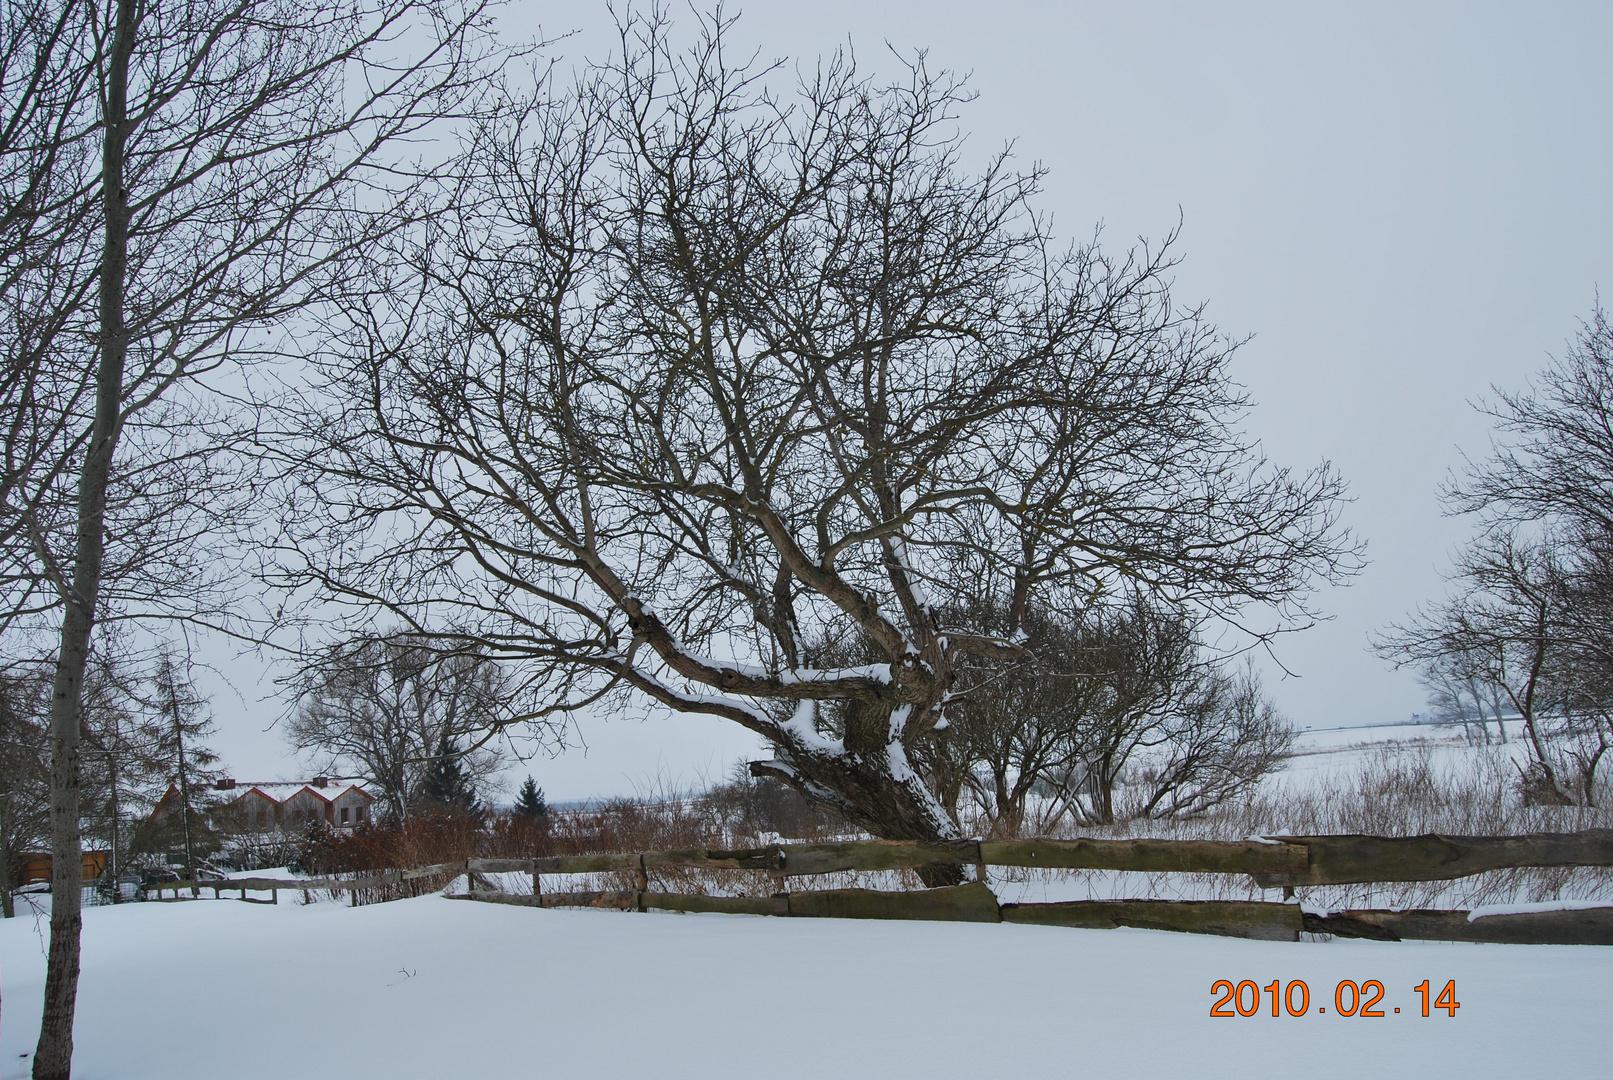 Schnee kam und blieb